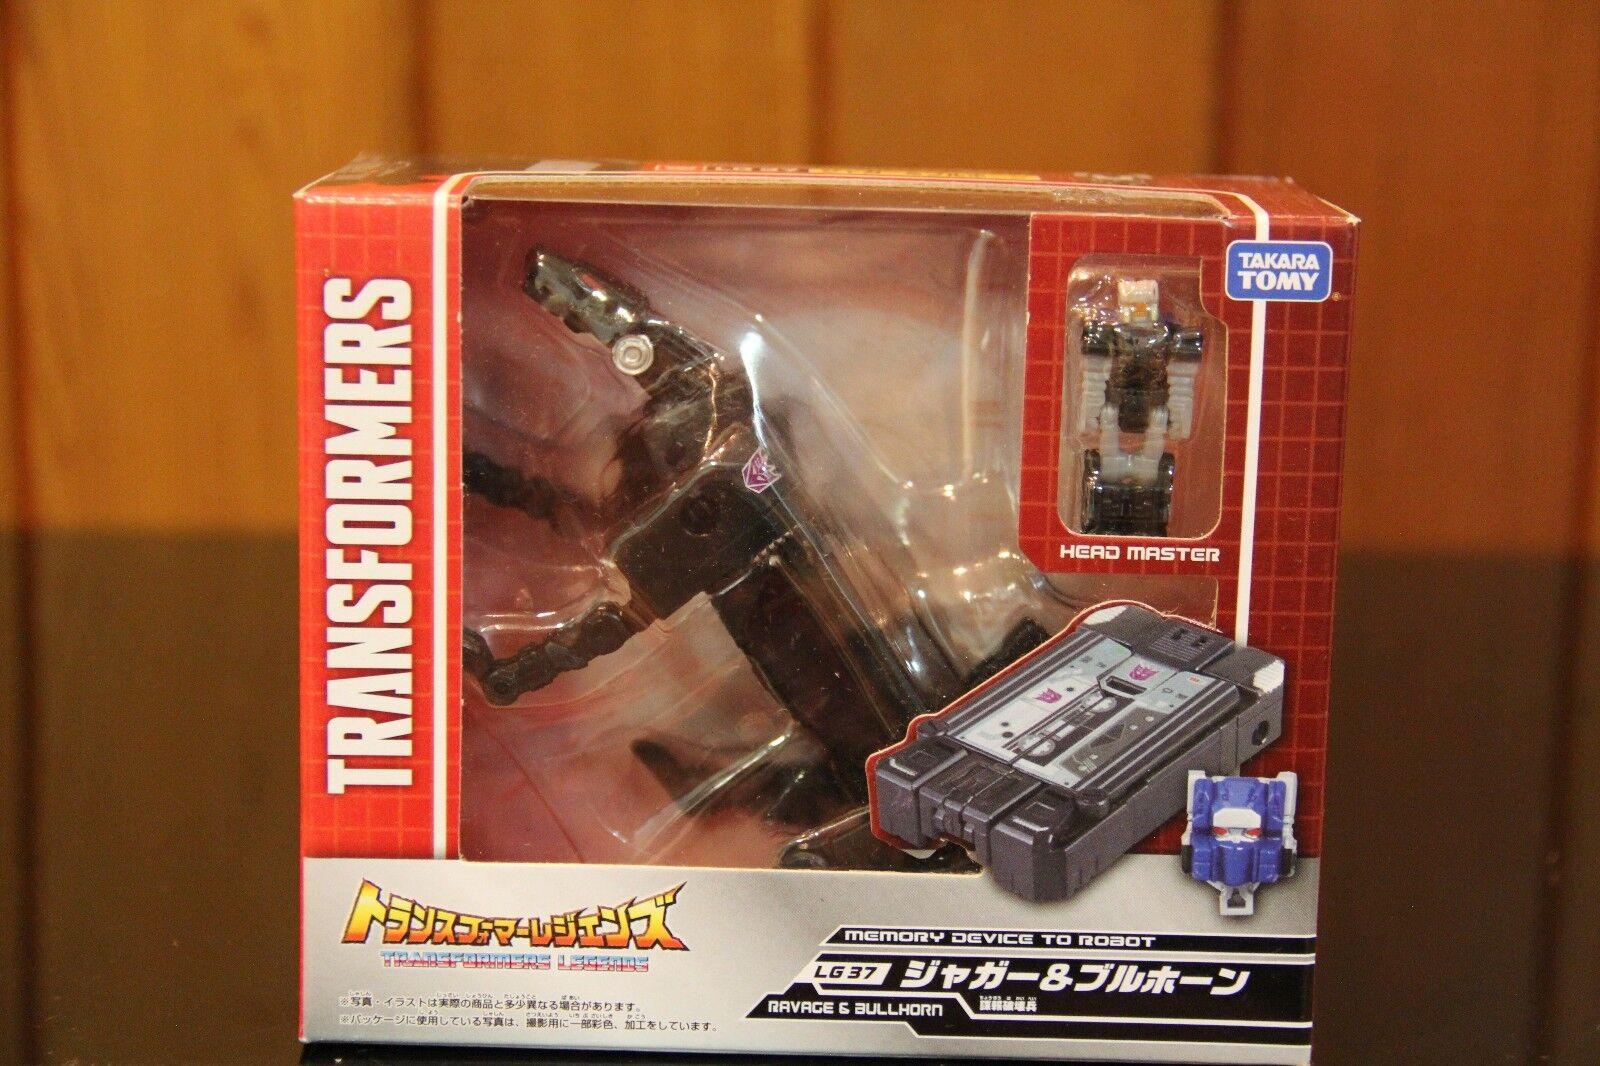 Takara Transformers Legends Series LG 37 & LG38